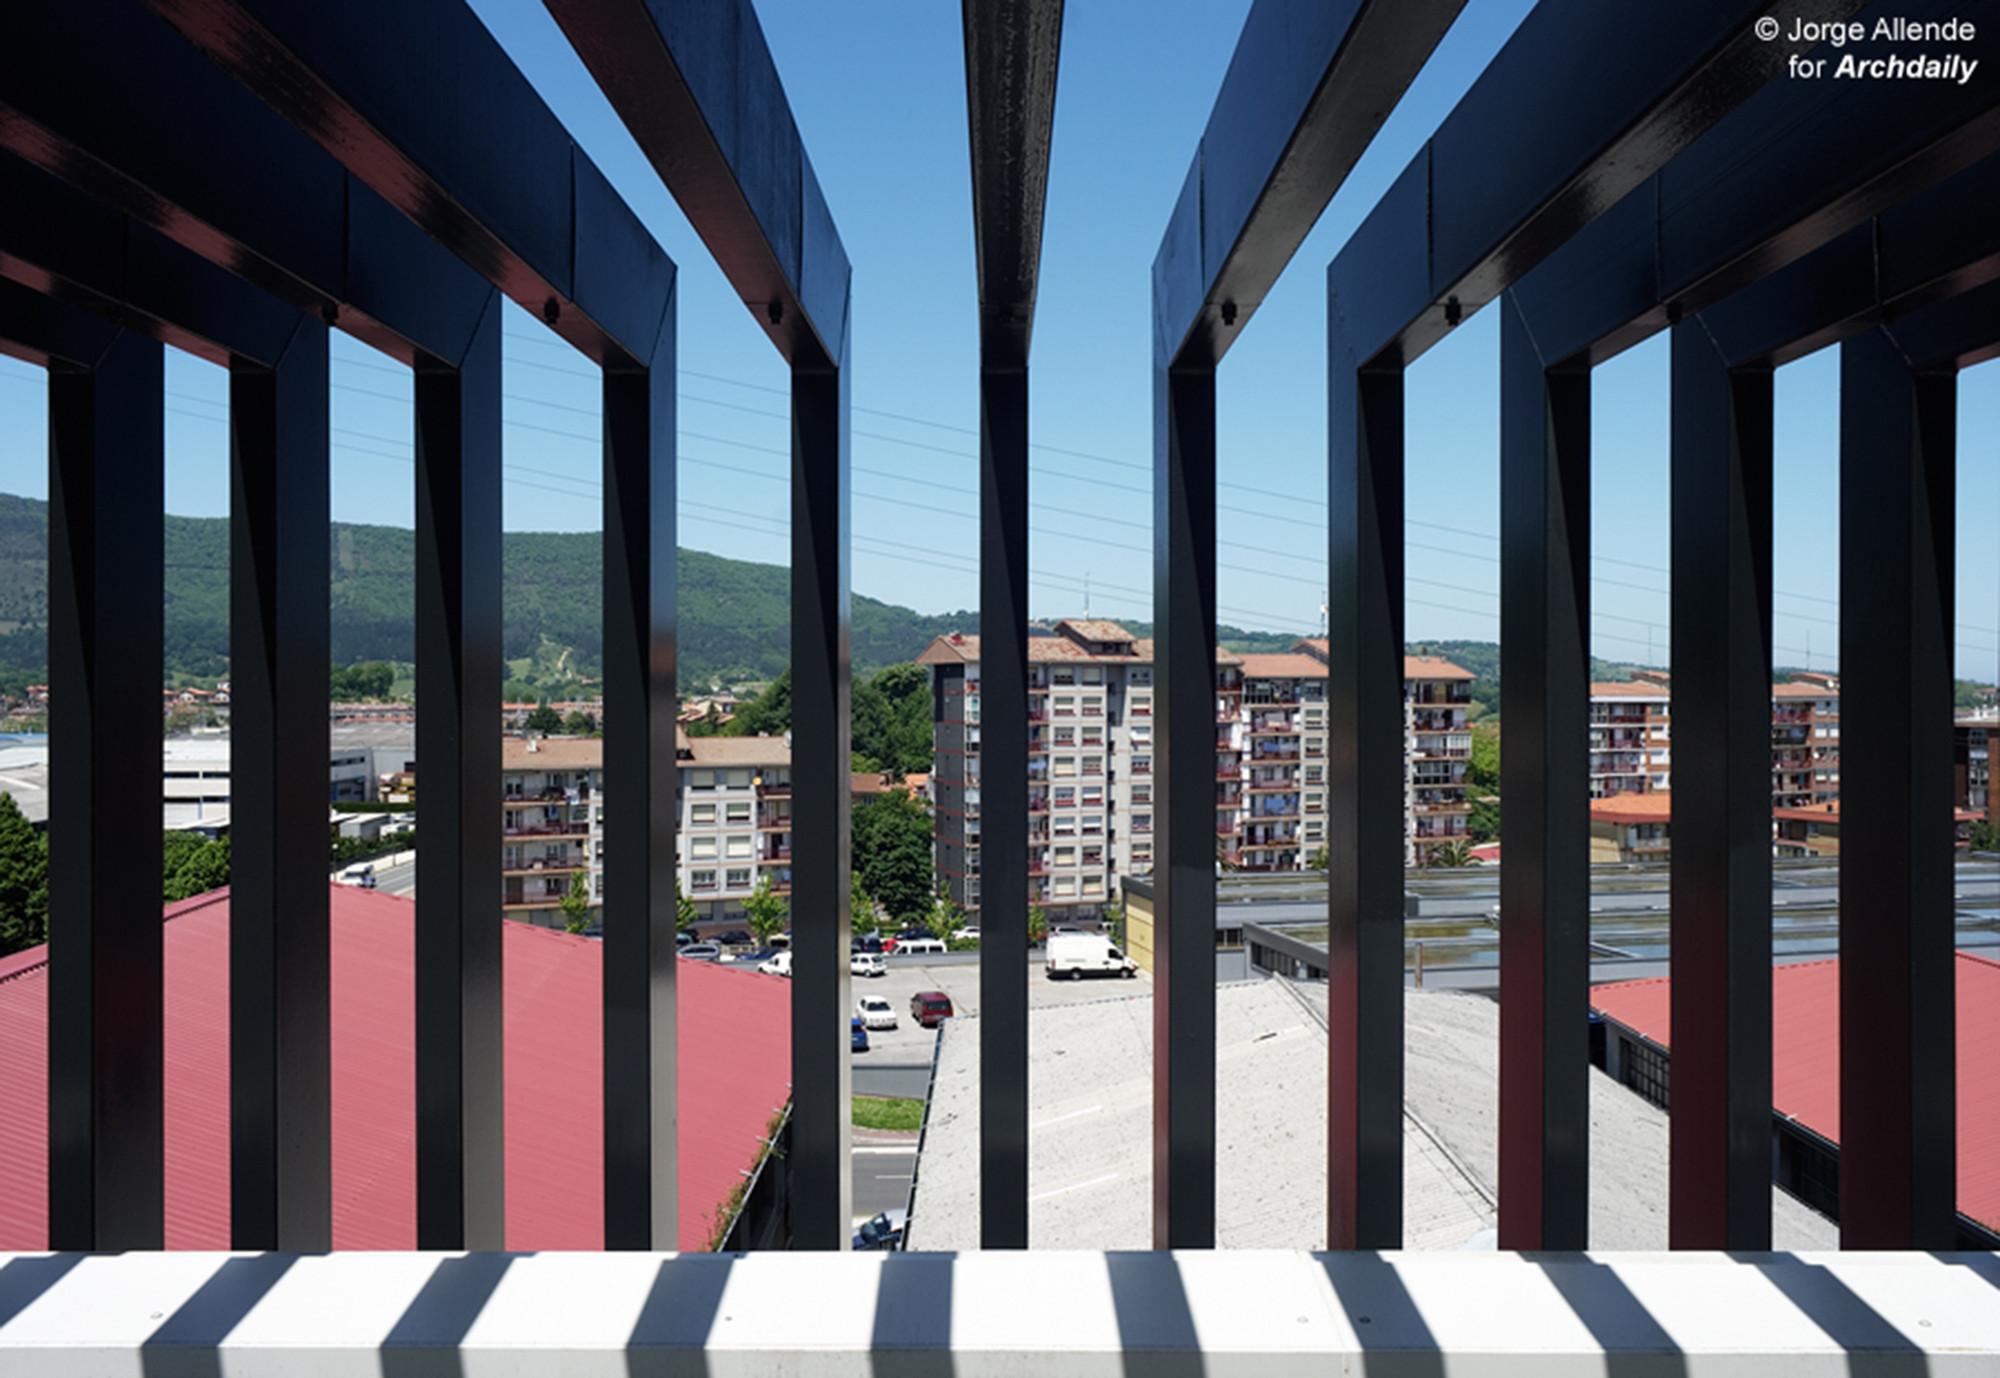 Gordailu Building / Astigarraga y Lasarte